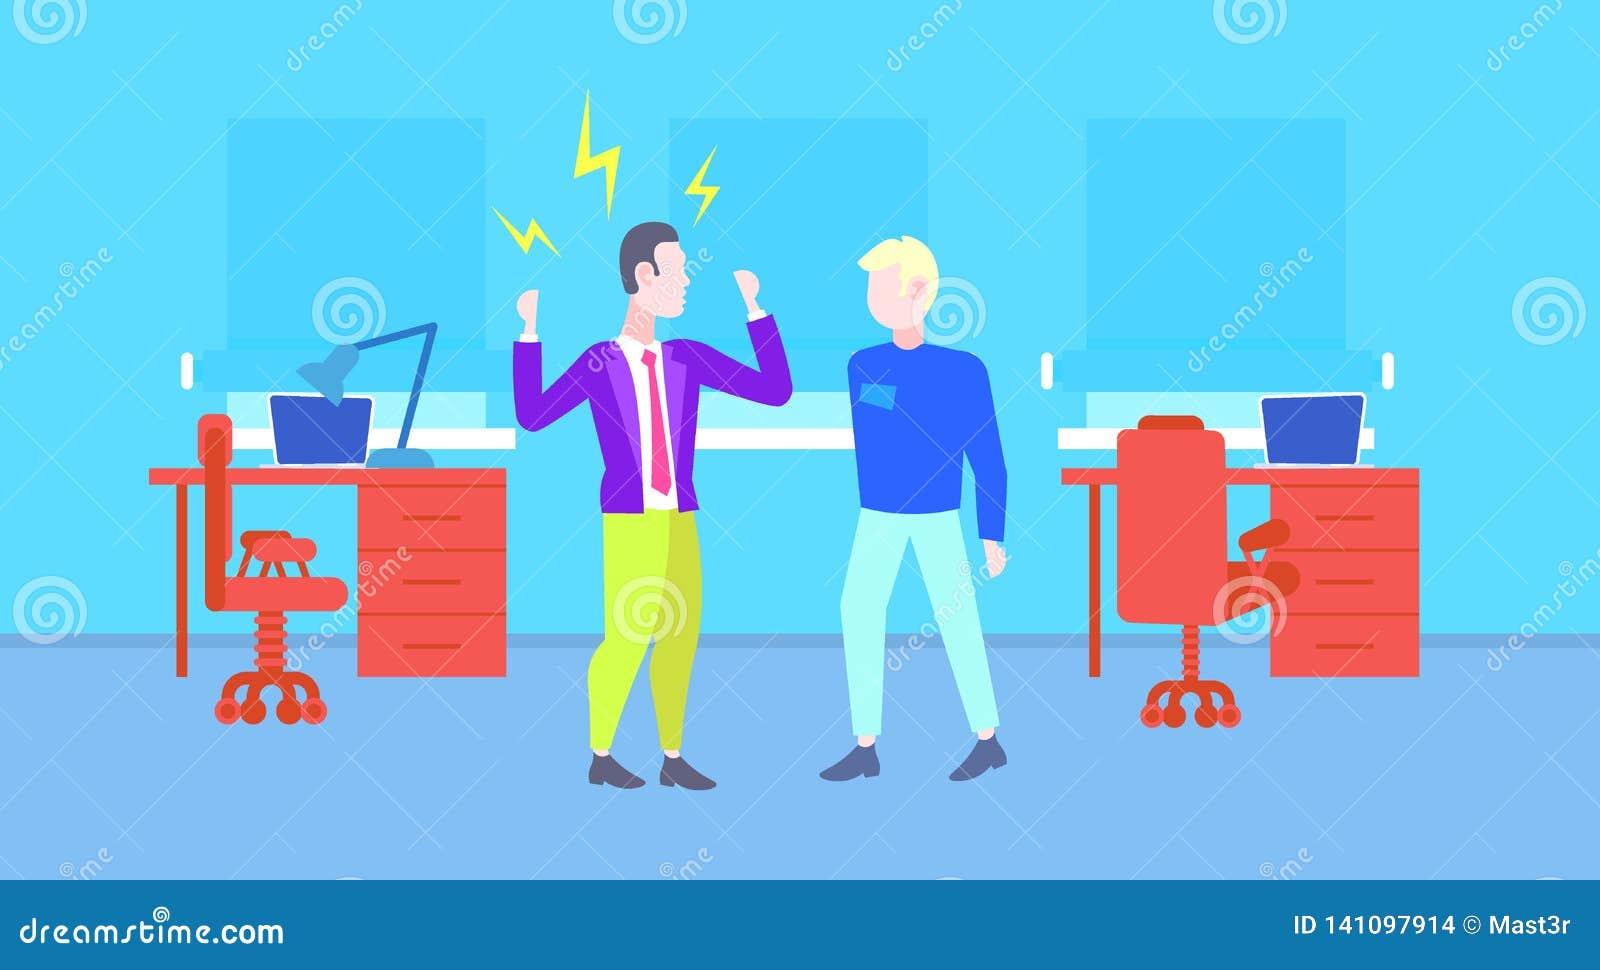 Gniewny szef krzyczy przy pracownika mężczyzny reprymendą pracodawca pracownika akcydensowego pojęcia zła nowożytna biurowa wewnę